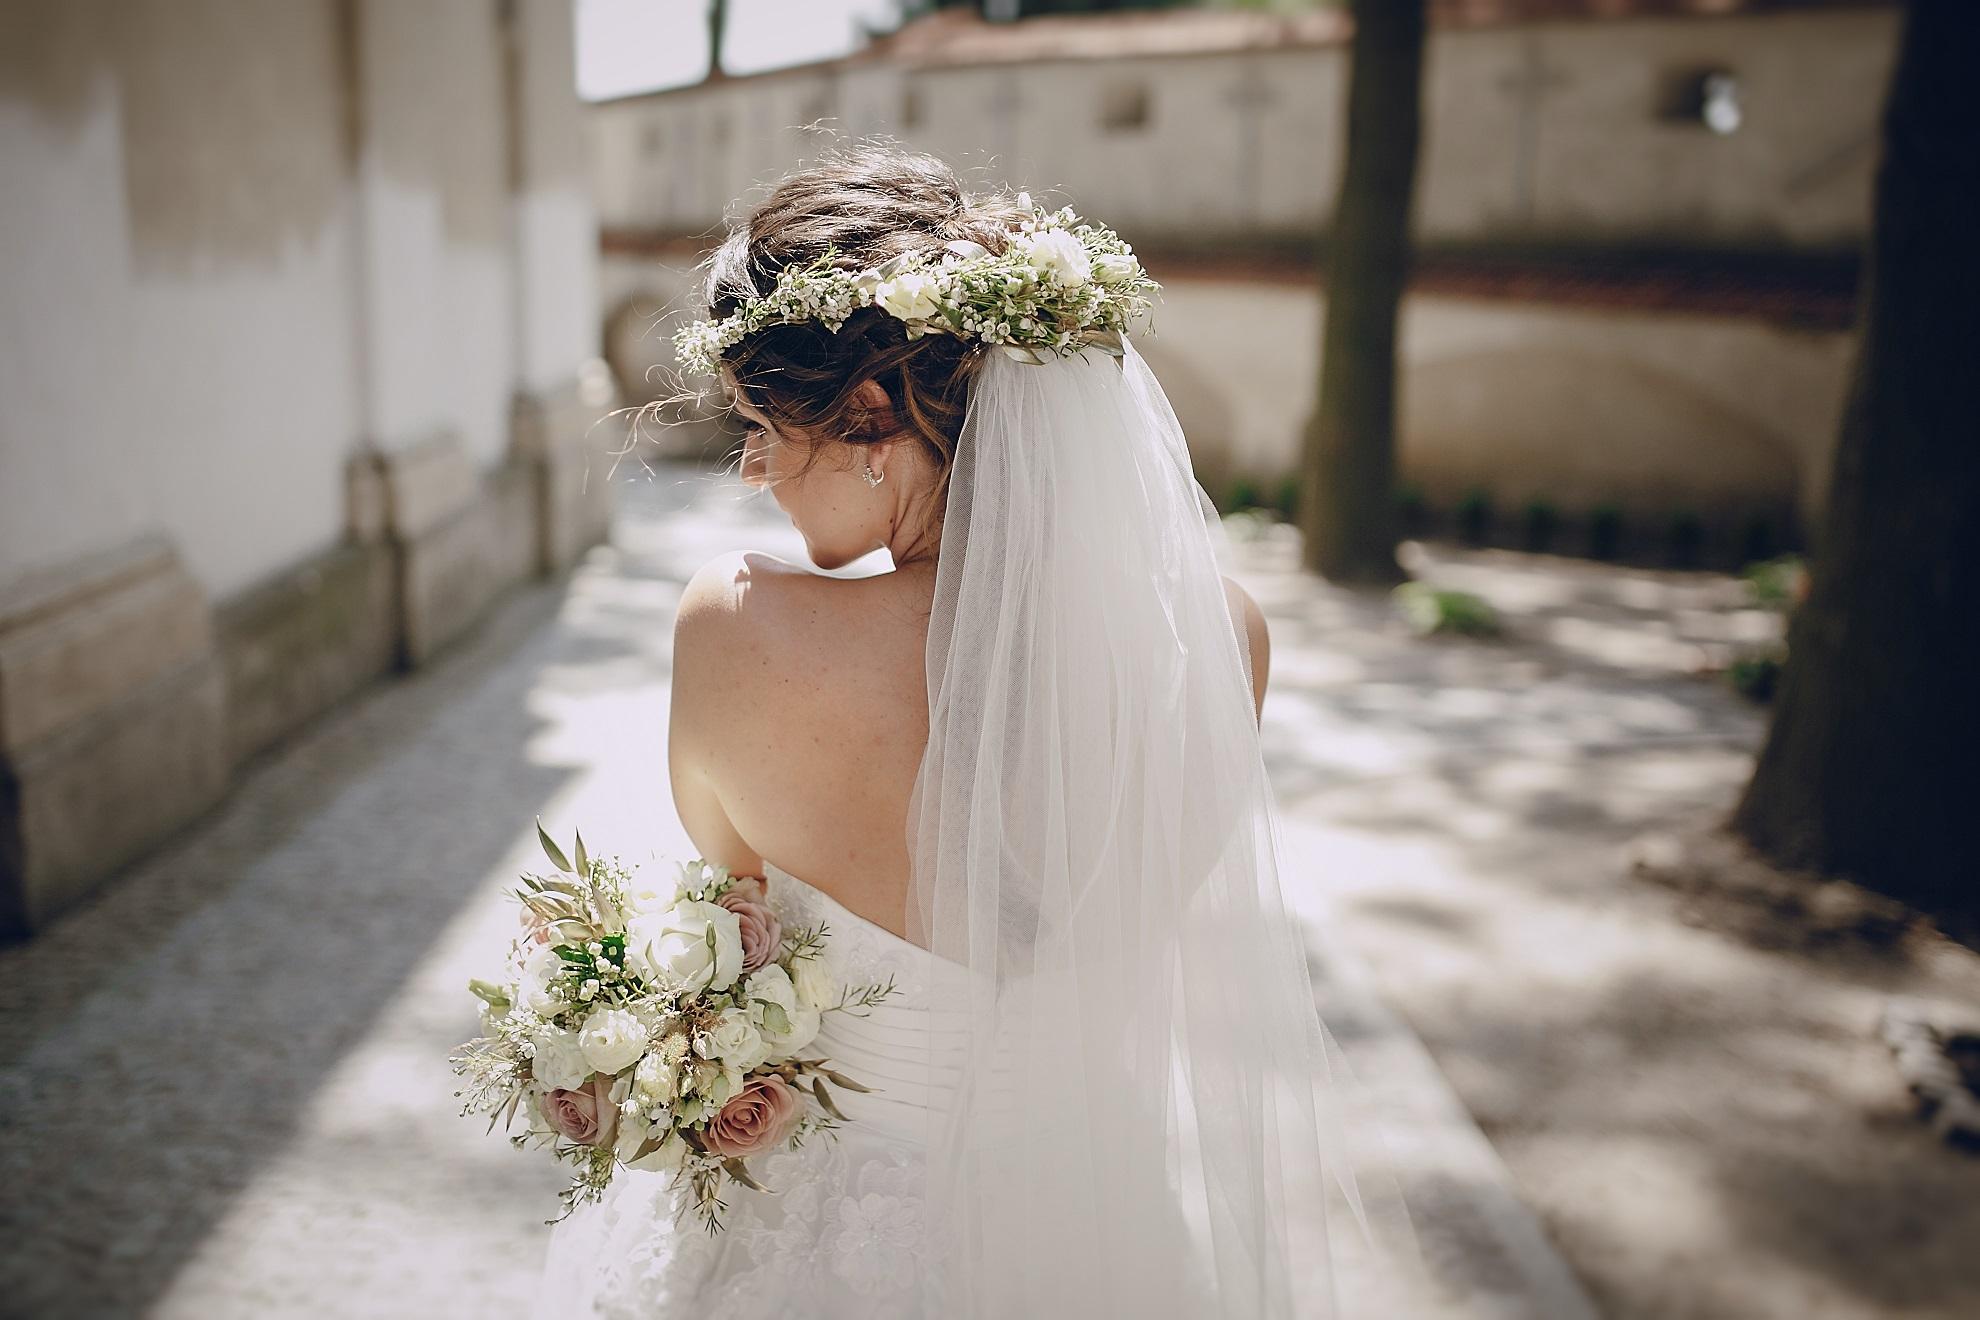 e95822b1f0c4c ウェディング雑誌をうっとりと眺め、運命の一着に出会うべく、ドレスショップに足繁く通う花嫁も多いでしょう。一生に一度の晴れ舞台だから、ドレスのデザインにも、  ...